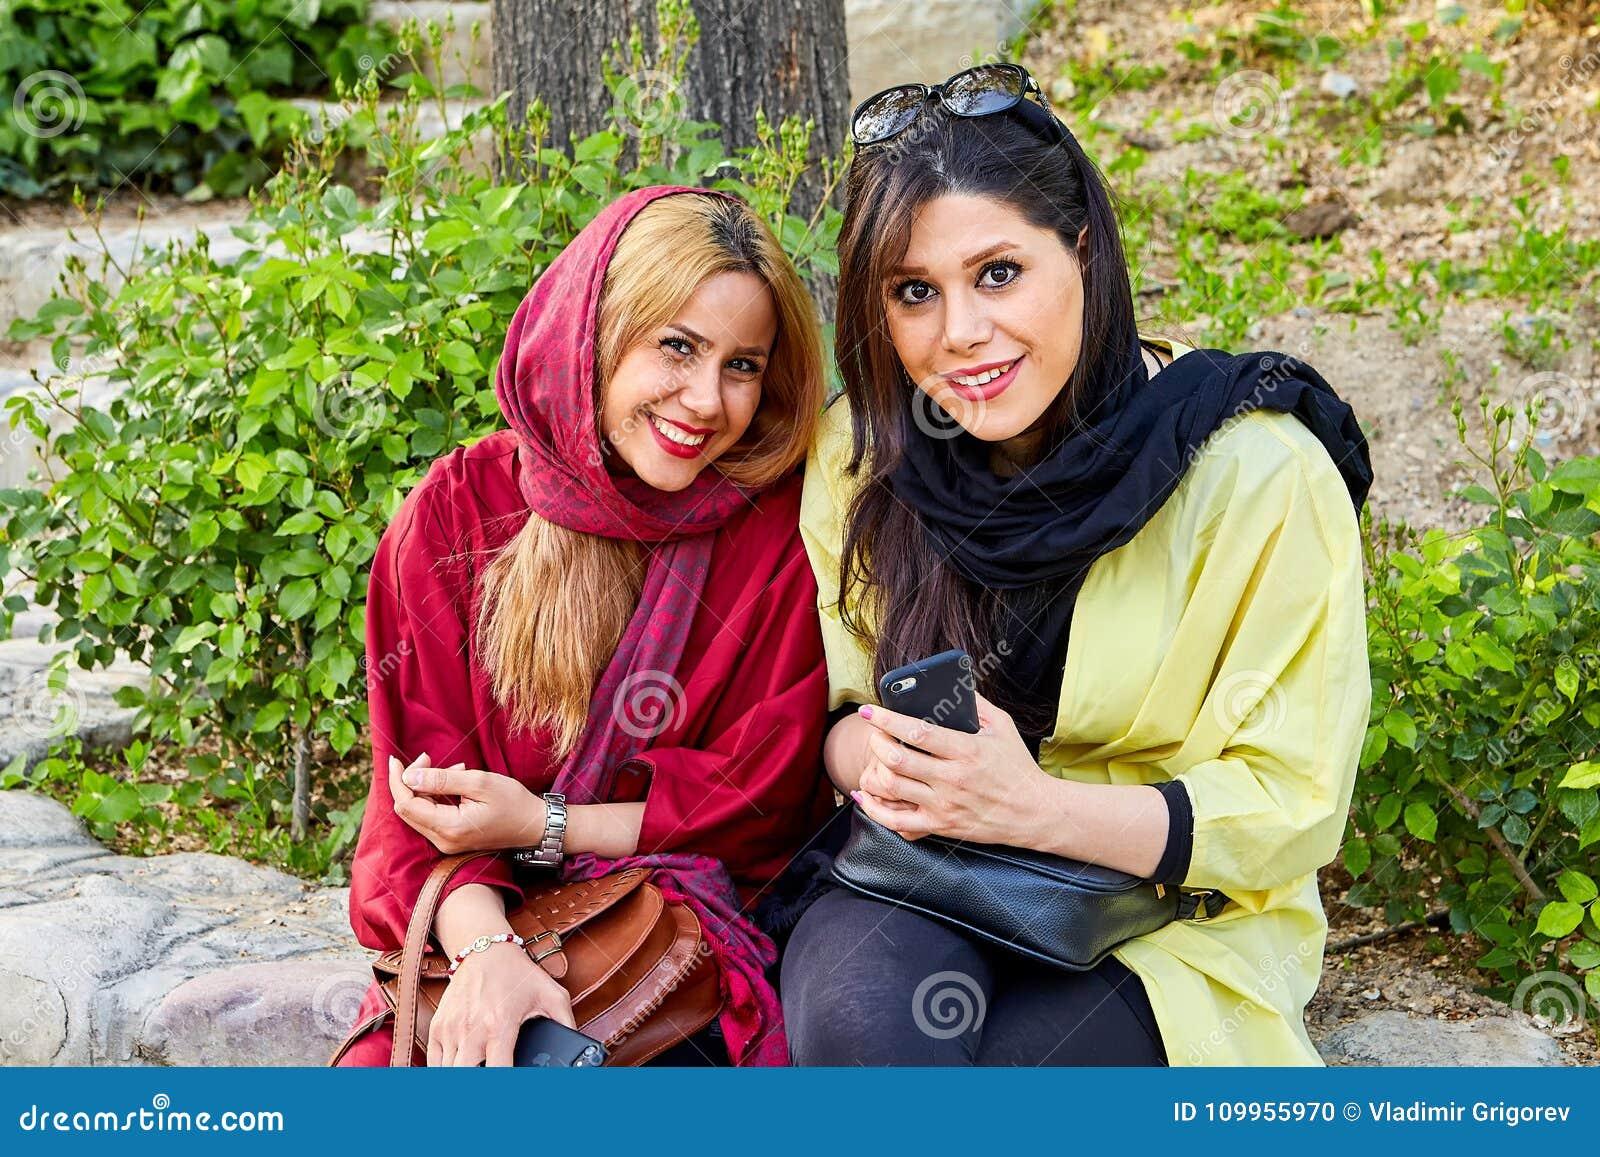 iranian girls fuks iranian boys